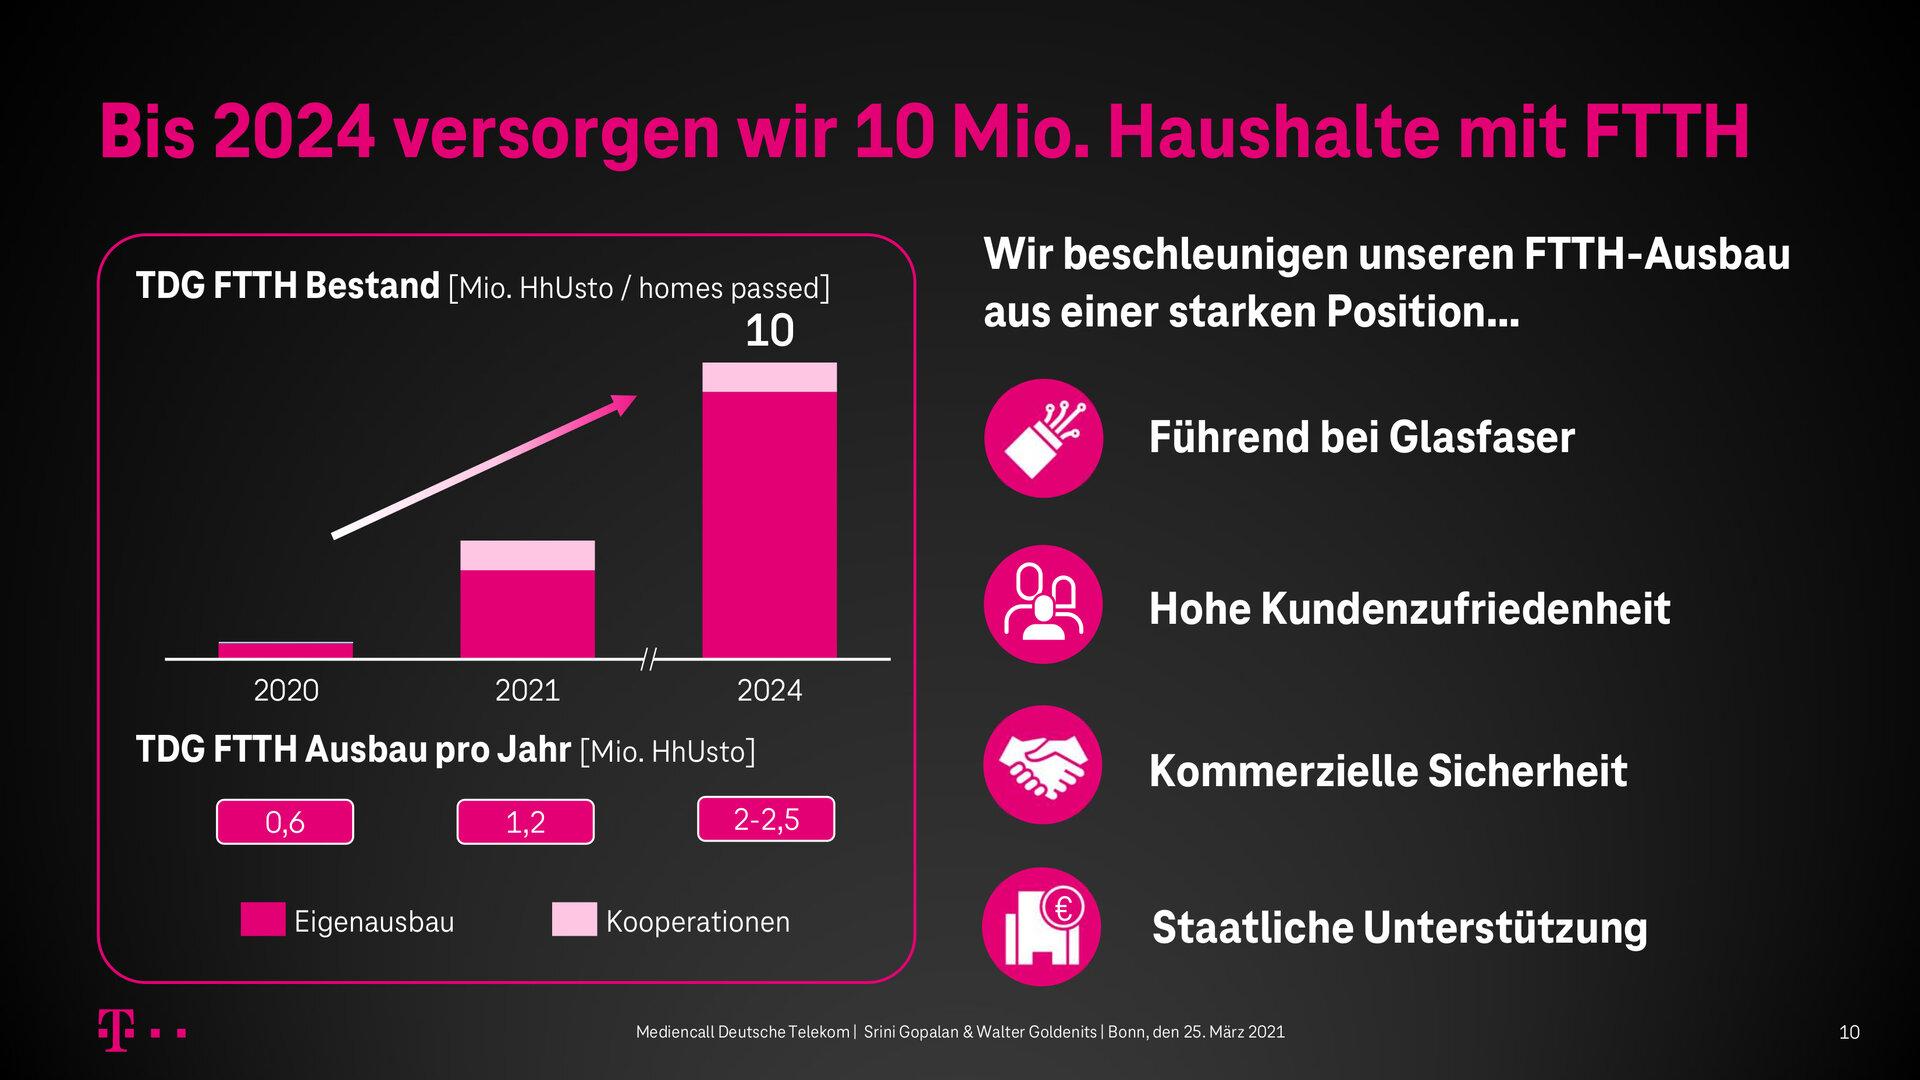 Die FTTH-Ausbaupläne der Telekom